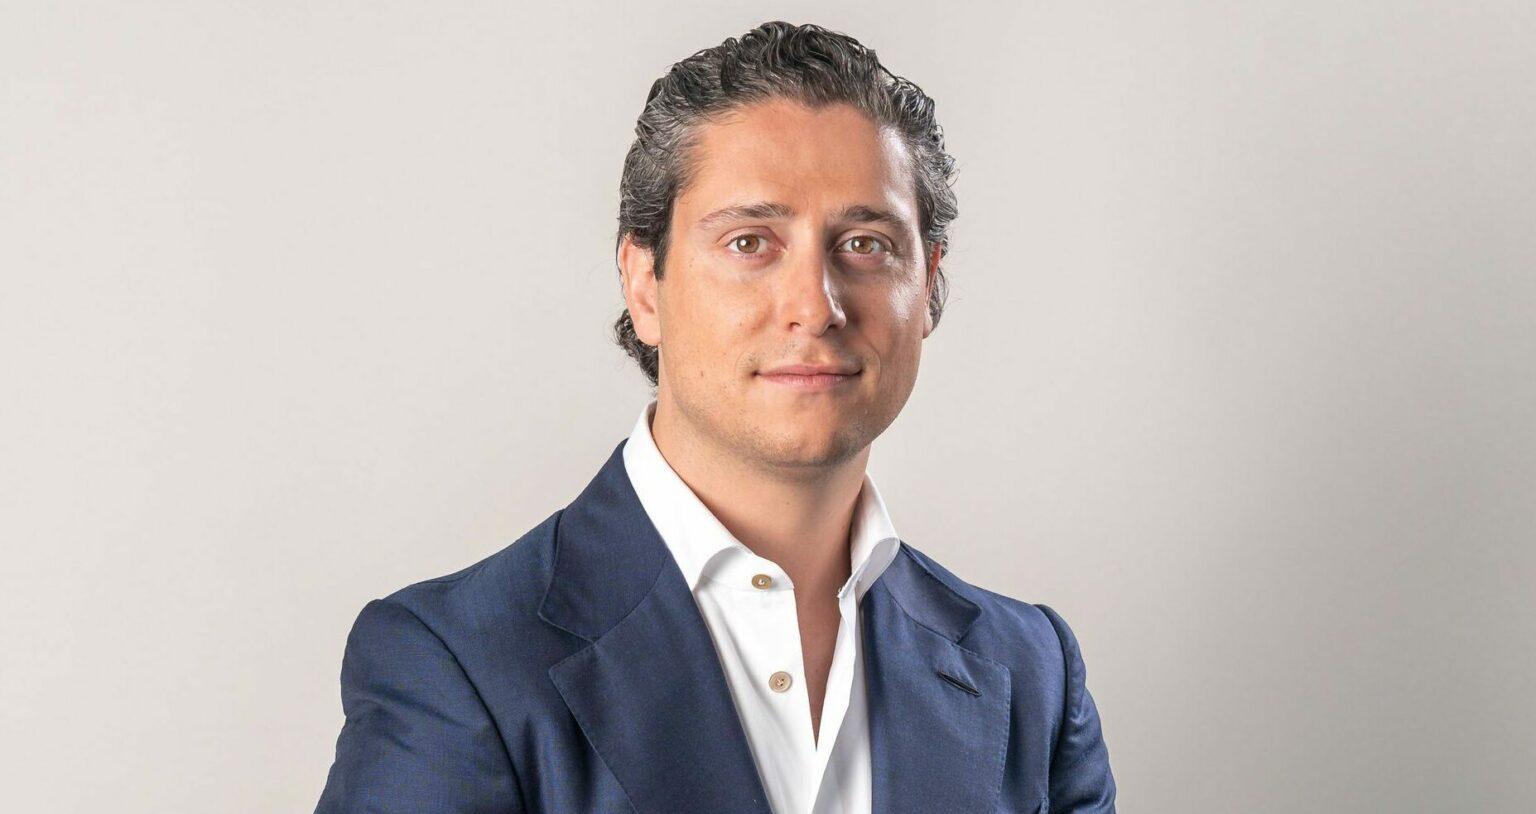 Philipp-Man_CEO-_-Co-Founder_CHRONEXT_1